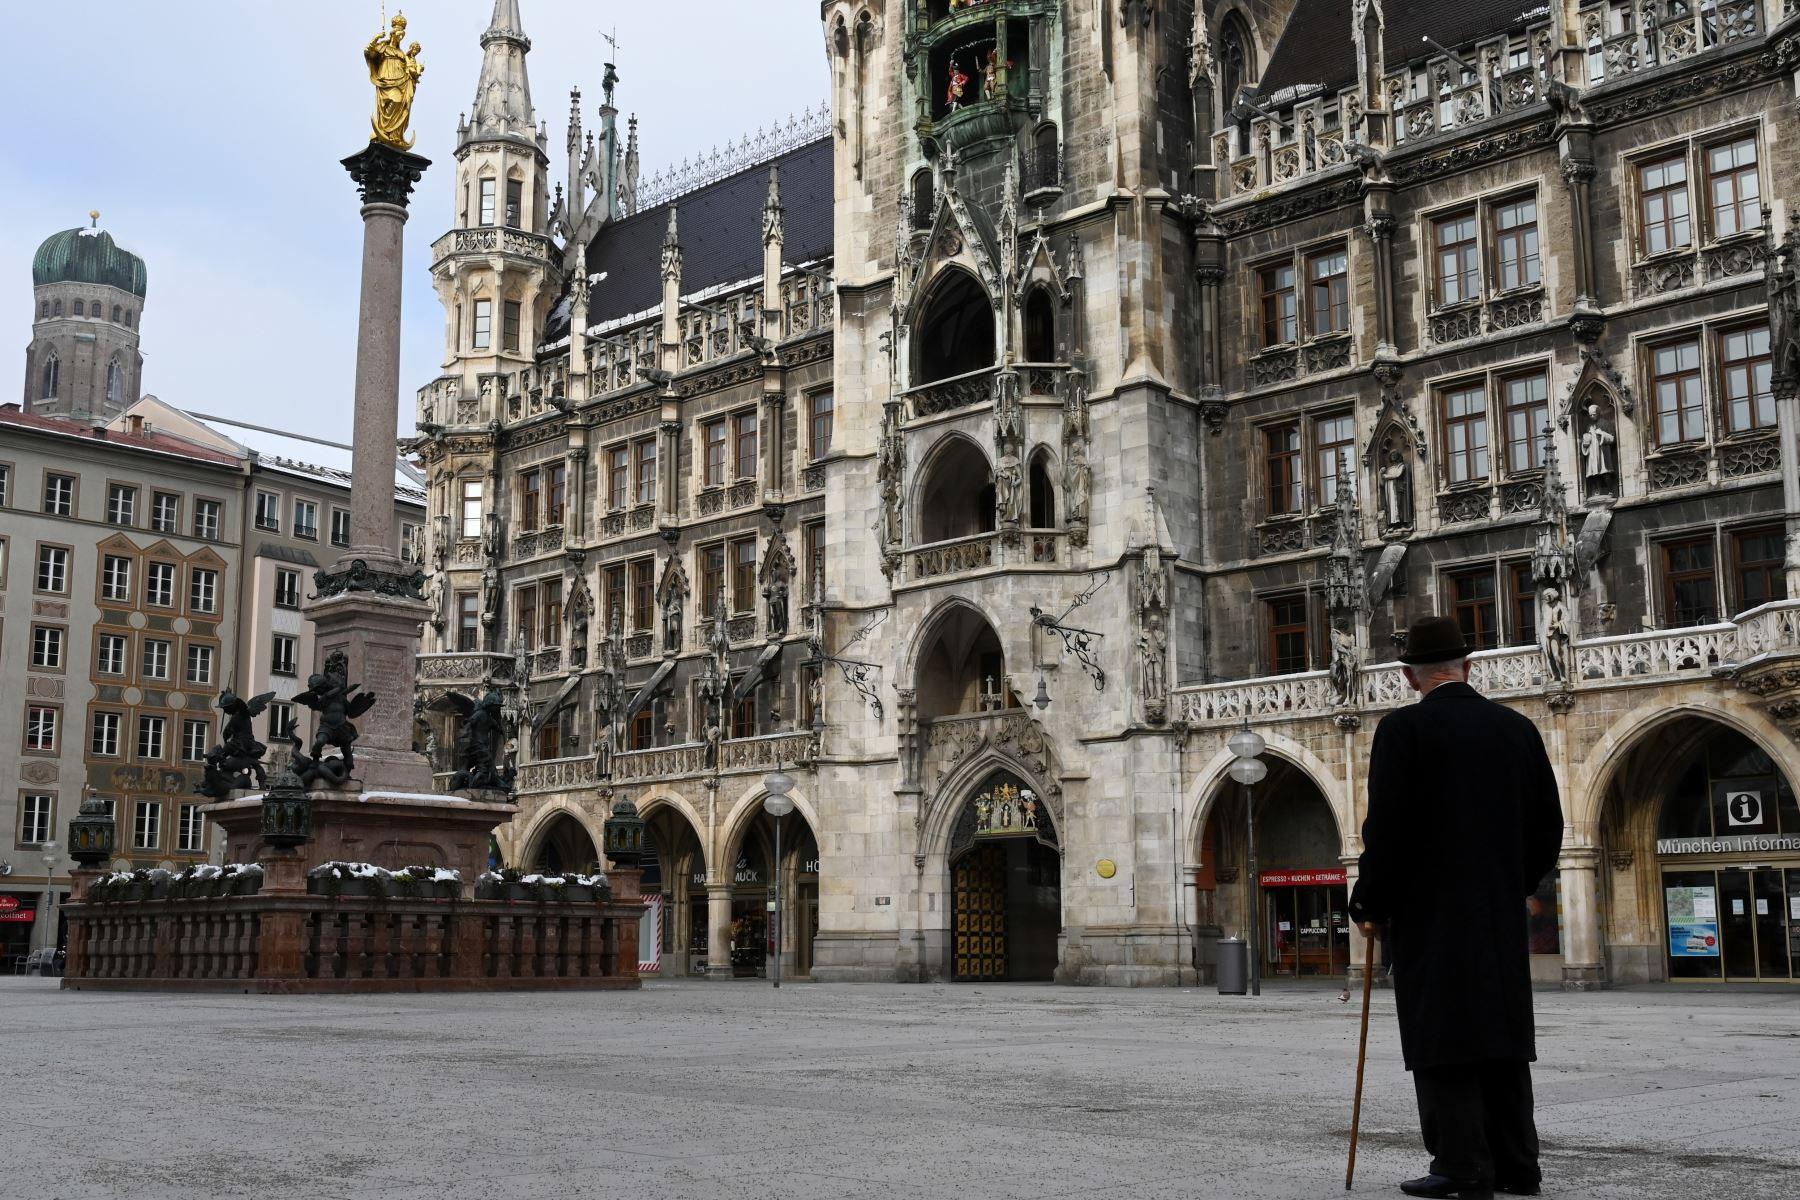 Un hombre vestido de negro con un bastón y un sombrero se encuentra en la plaza Marienplatz vacía frente al ayuntamiento en el centro de la ciudad de Múnich, en el sur de Alemania, en medio de la pandemia del nuevo coronavirus Covid-19 en curso. Foto: AFP